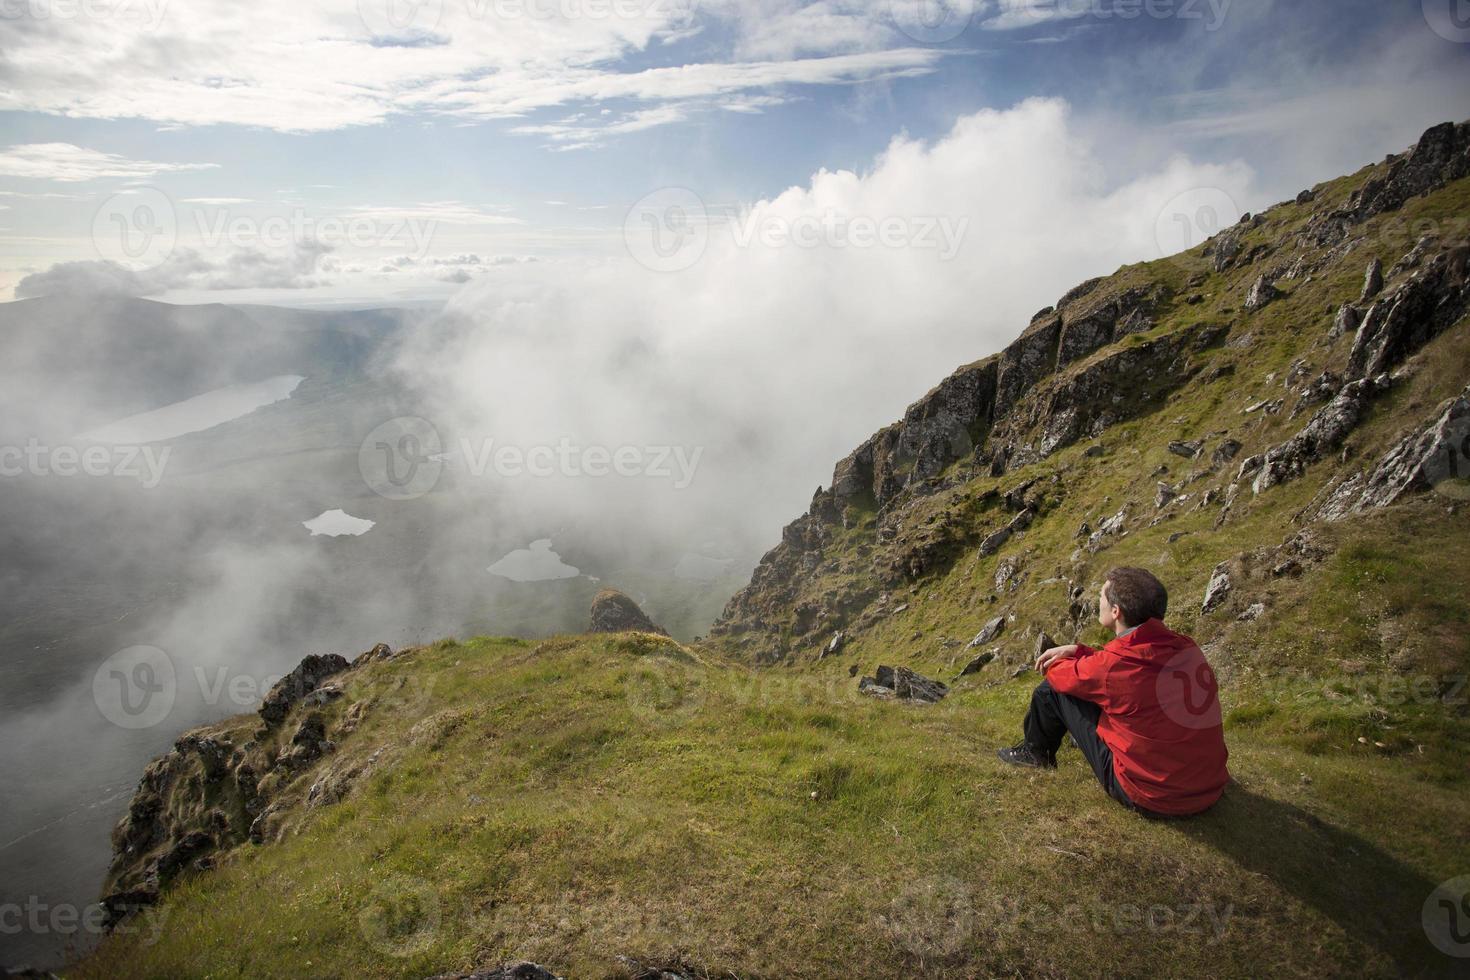 escursionista con vista sulla cima della montagna foto